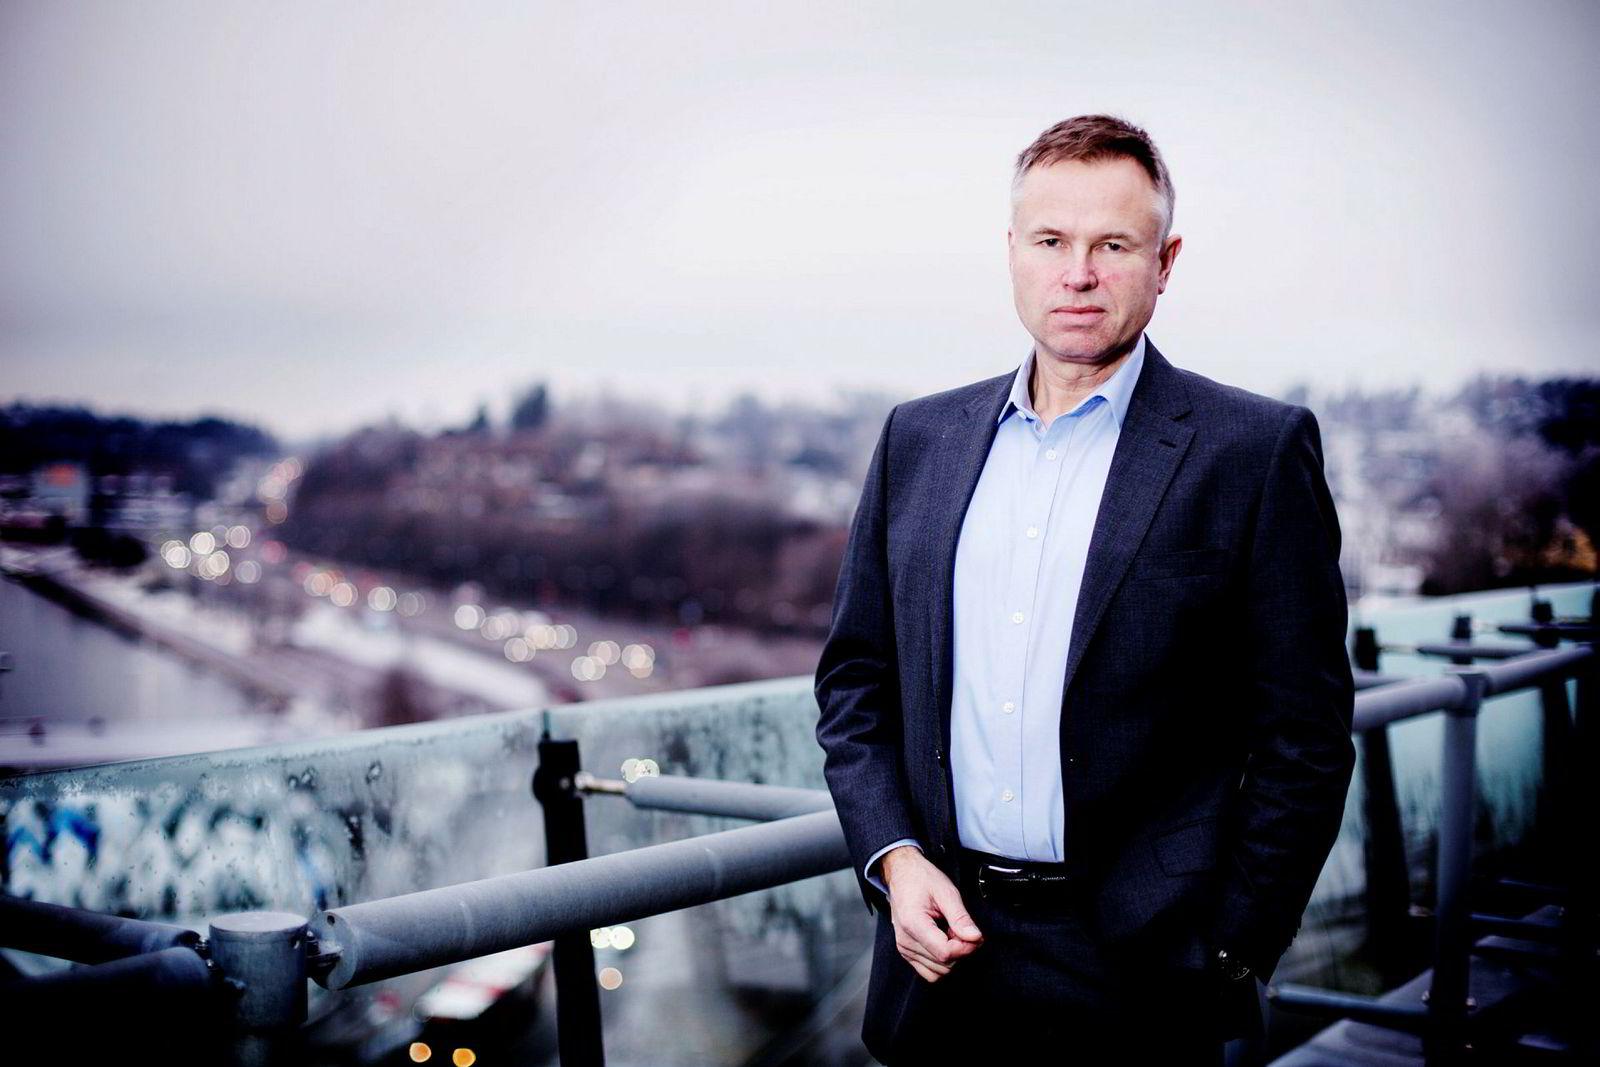 Visma-sjef Øystein Moan mener utdannelse er viktigere enn alder.